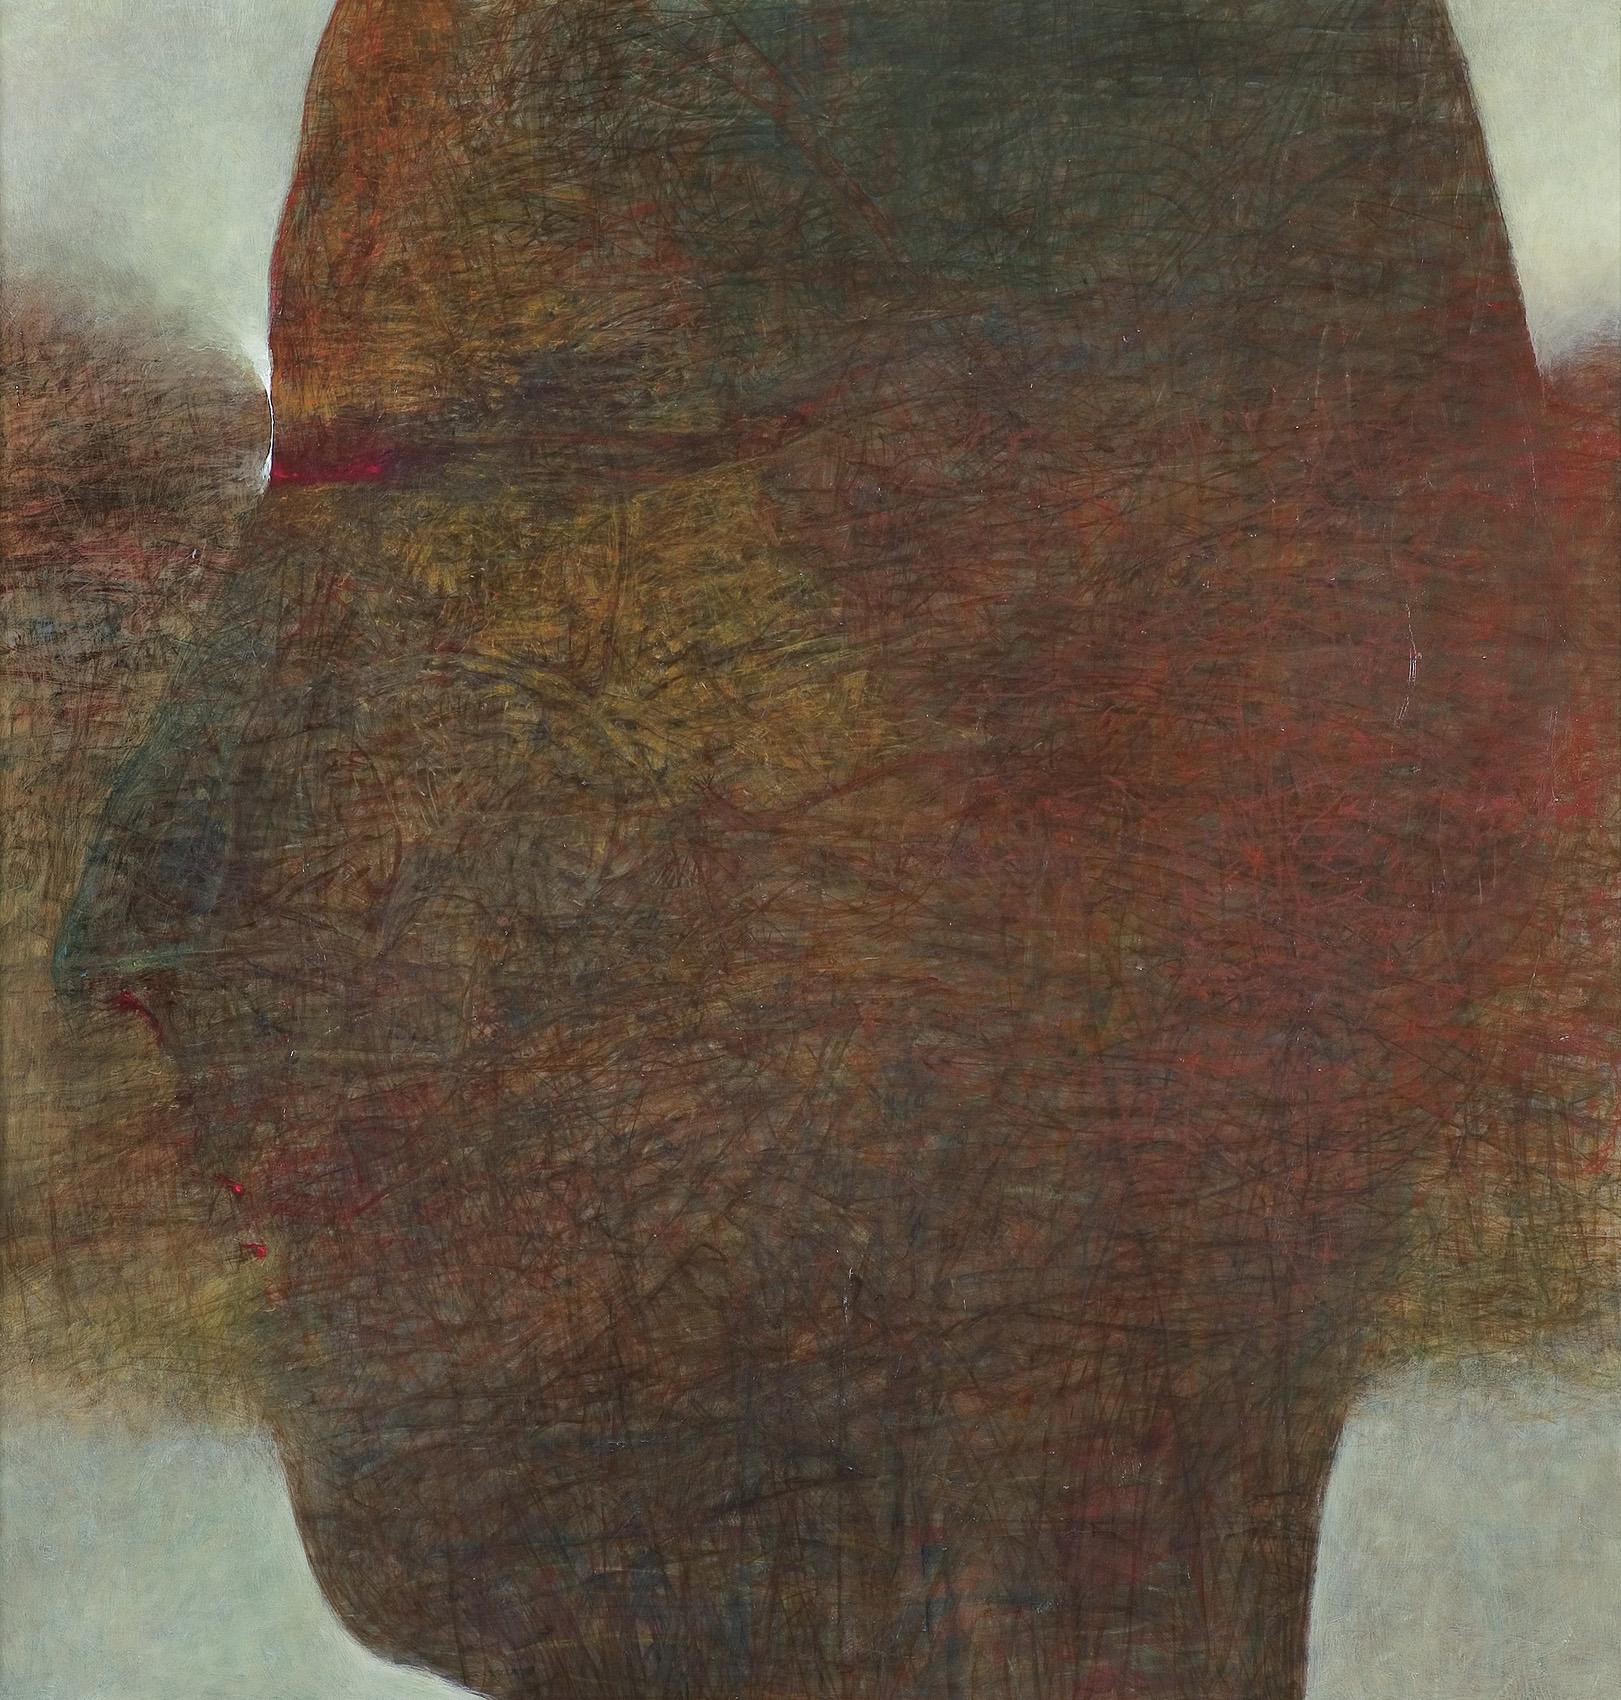 GÓ, 1997